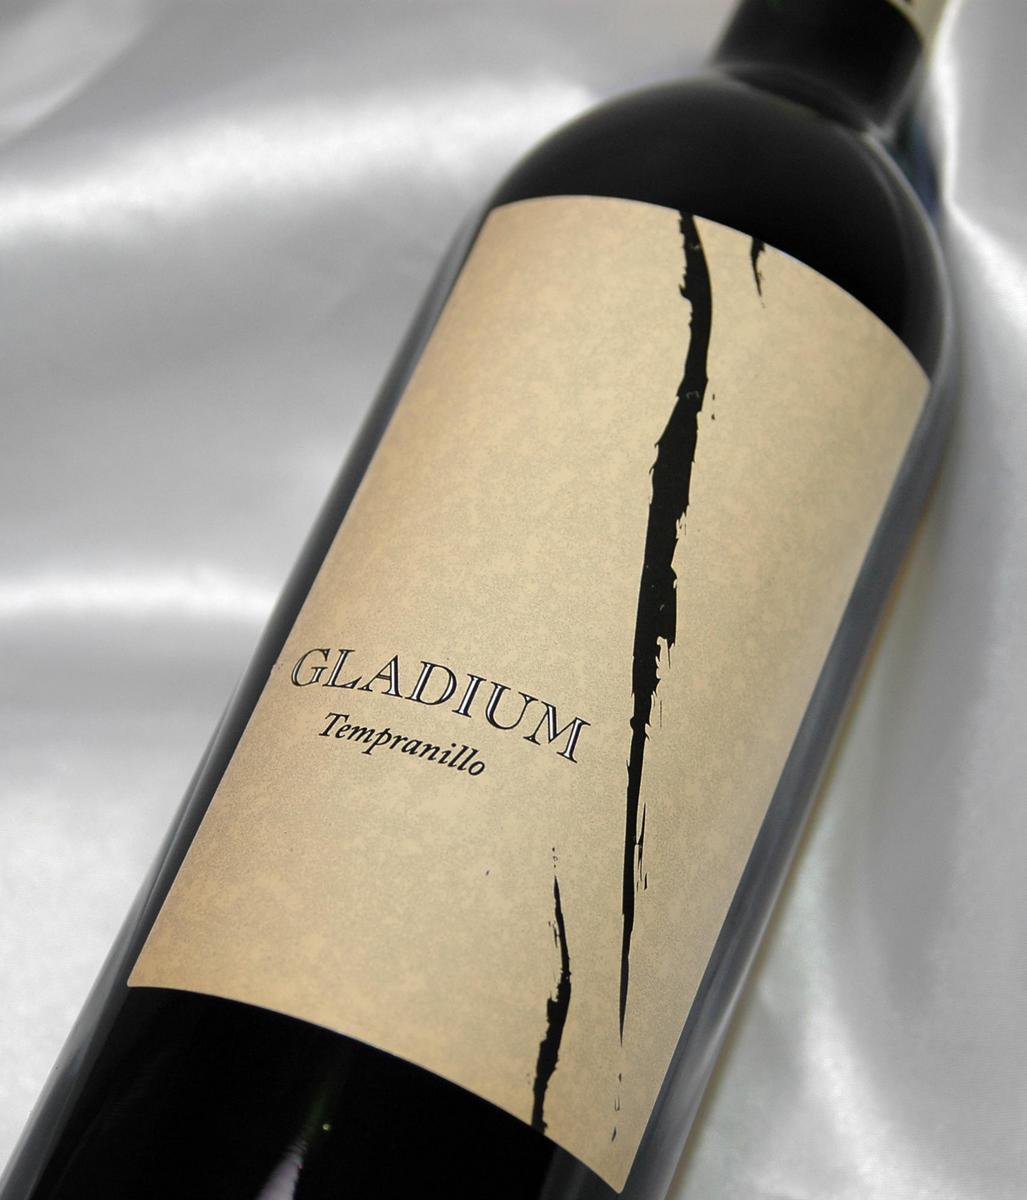 ボデガス カンポス レアレスグラディウム テンプラニーリョホーヴェン750ml スペインワイン 赤ワイン オーバーのアイテム取扱☆ 驚きの価格が実現